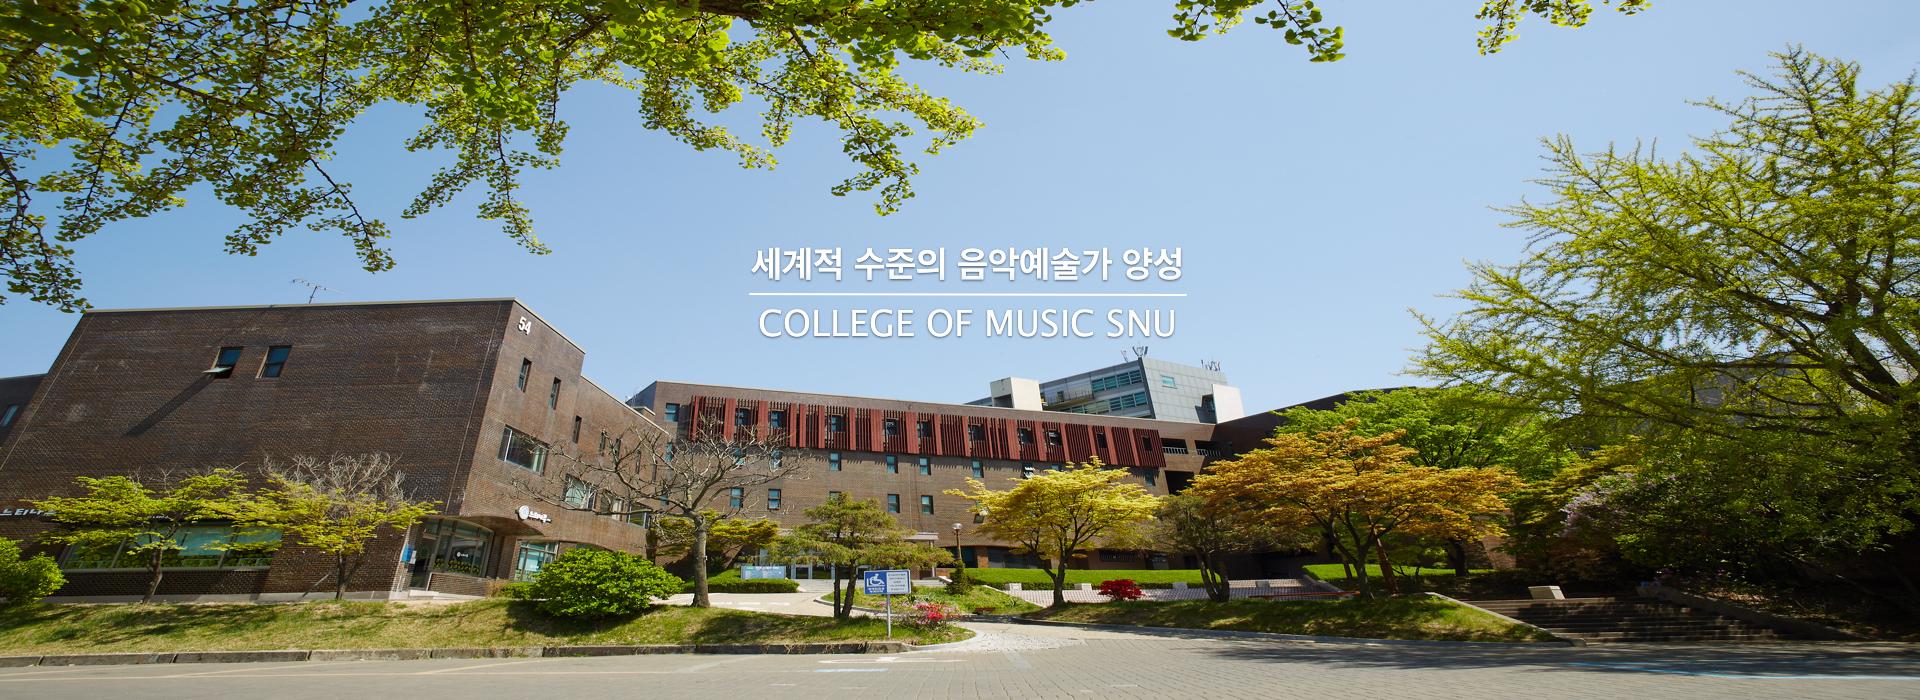 한국 고전음악